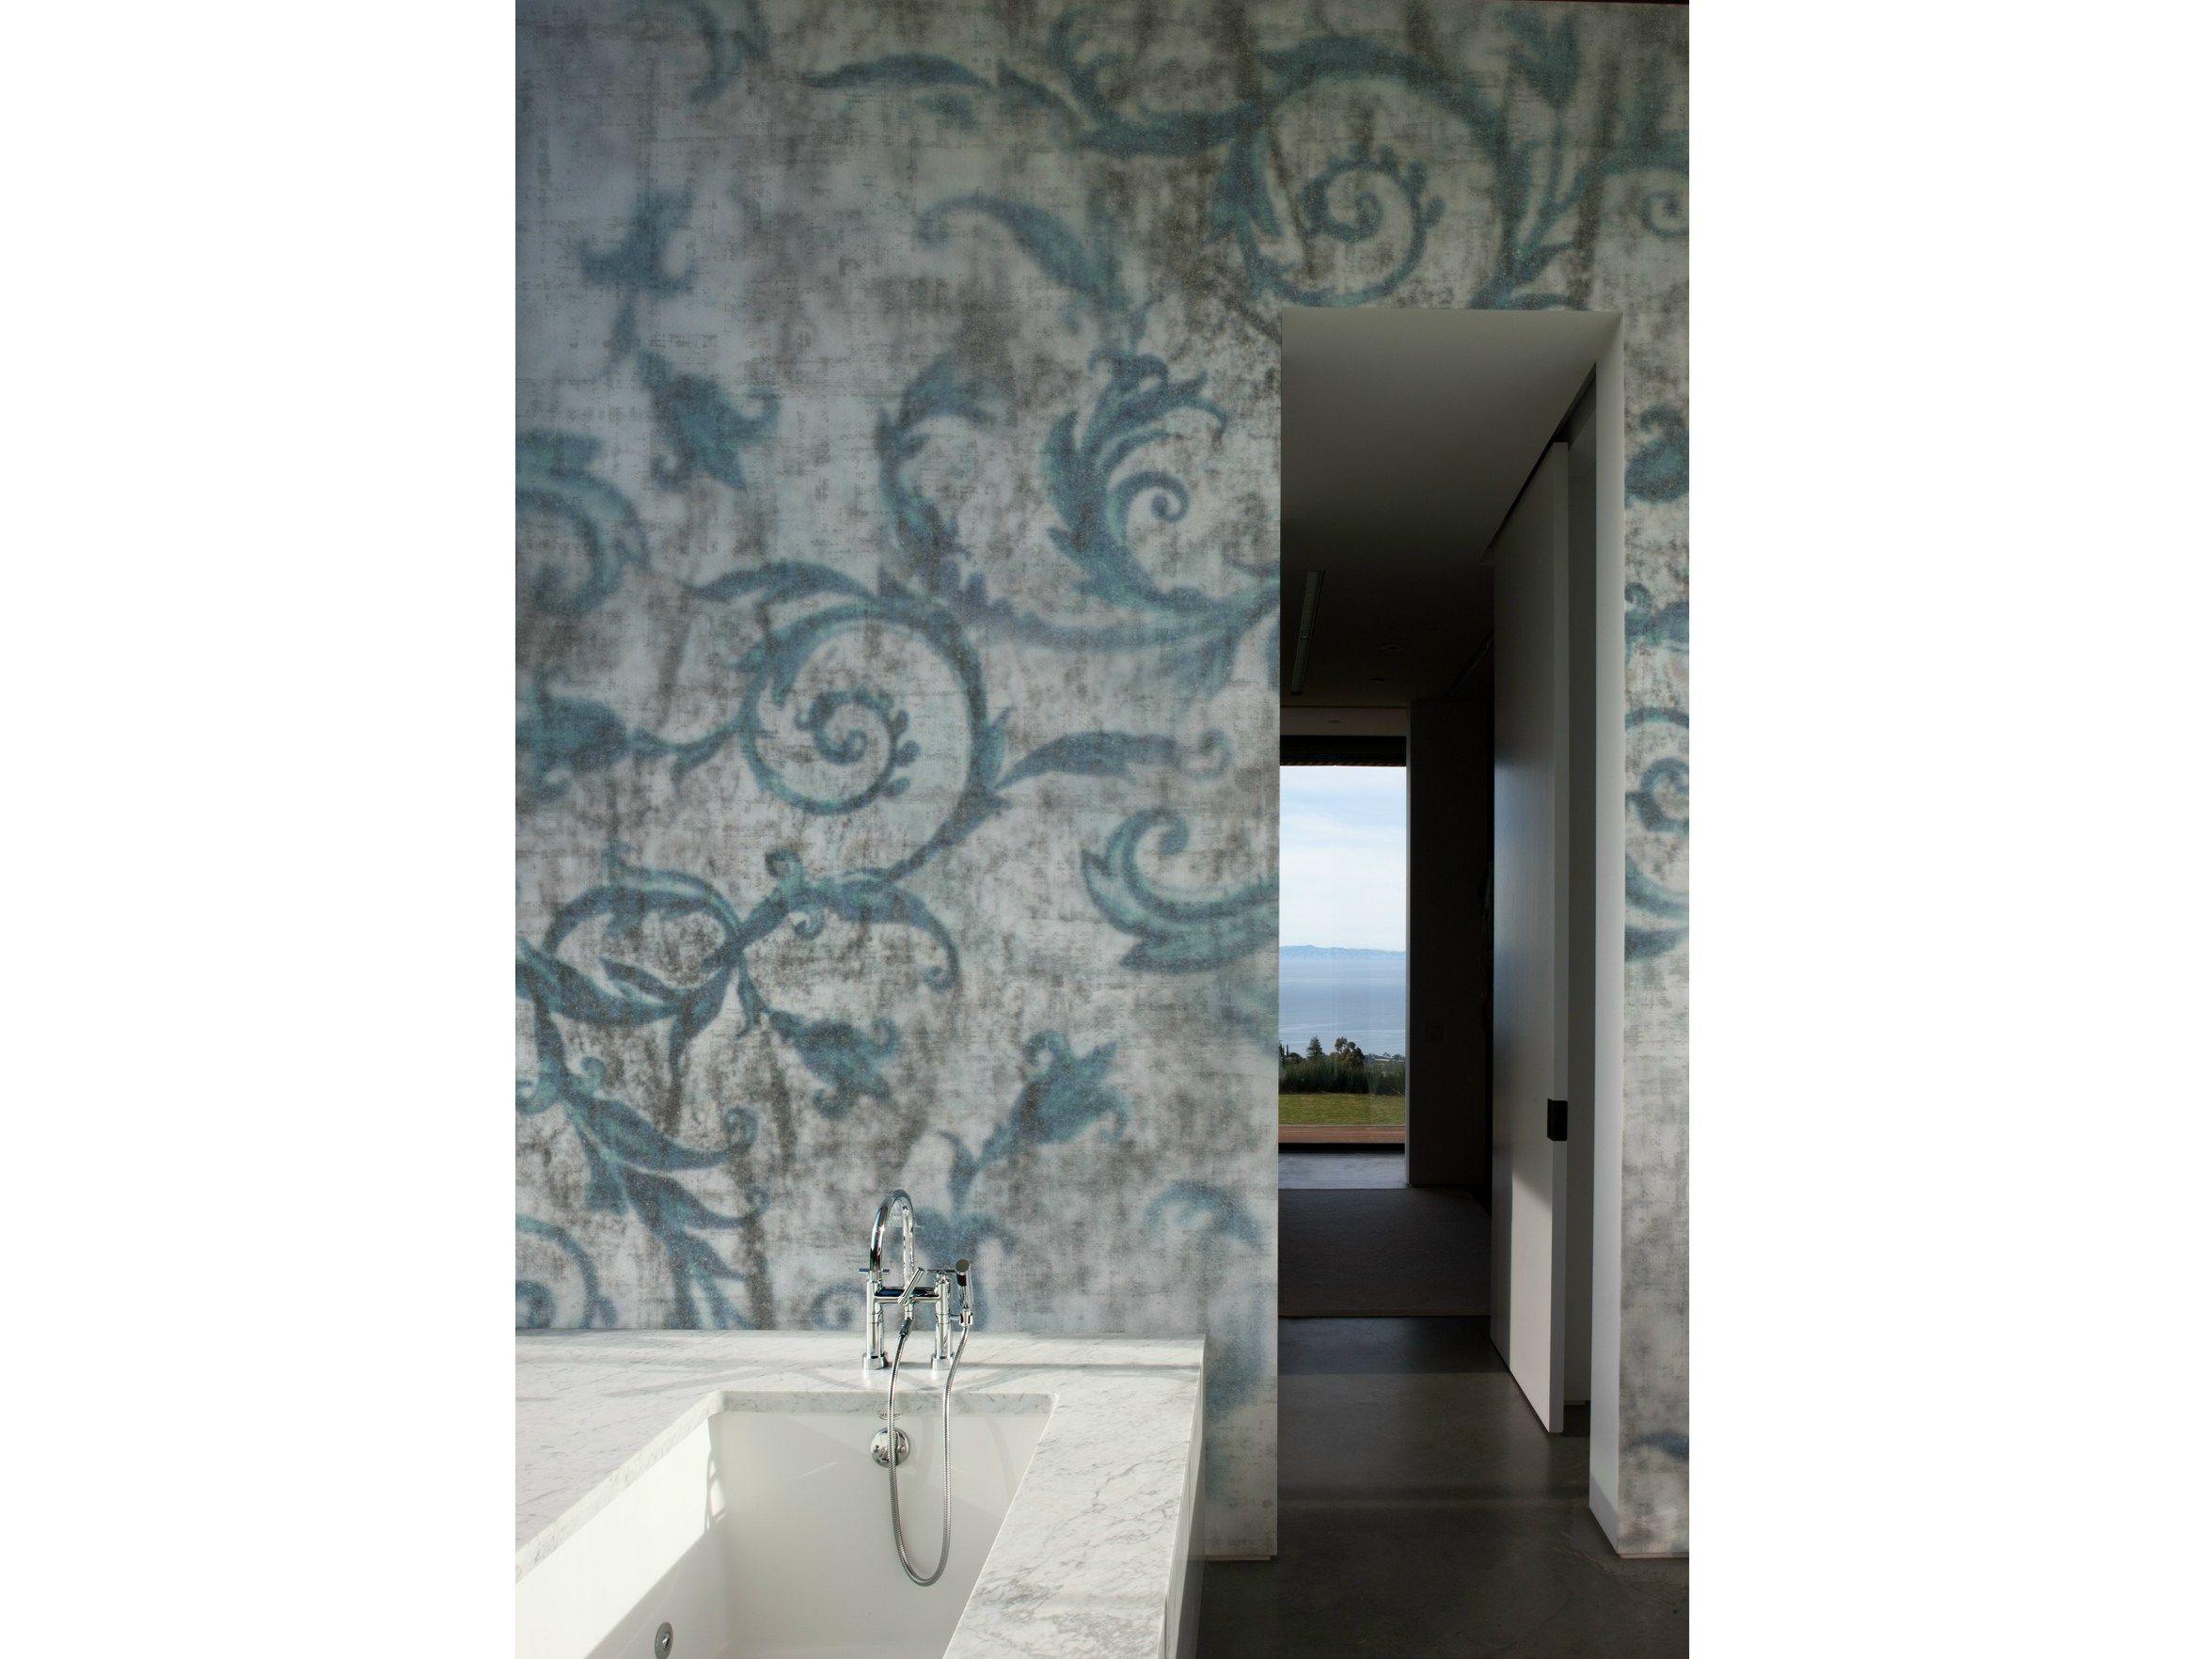 Carta da parati con motivi floreali per bagno d cuper by wall dec design christian benini - Carta da parati lavabile per bagno ...